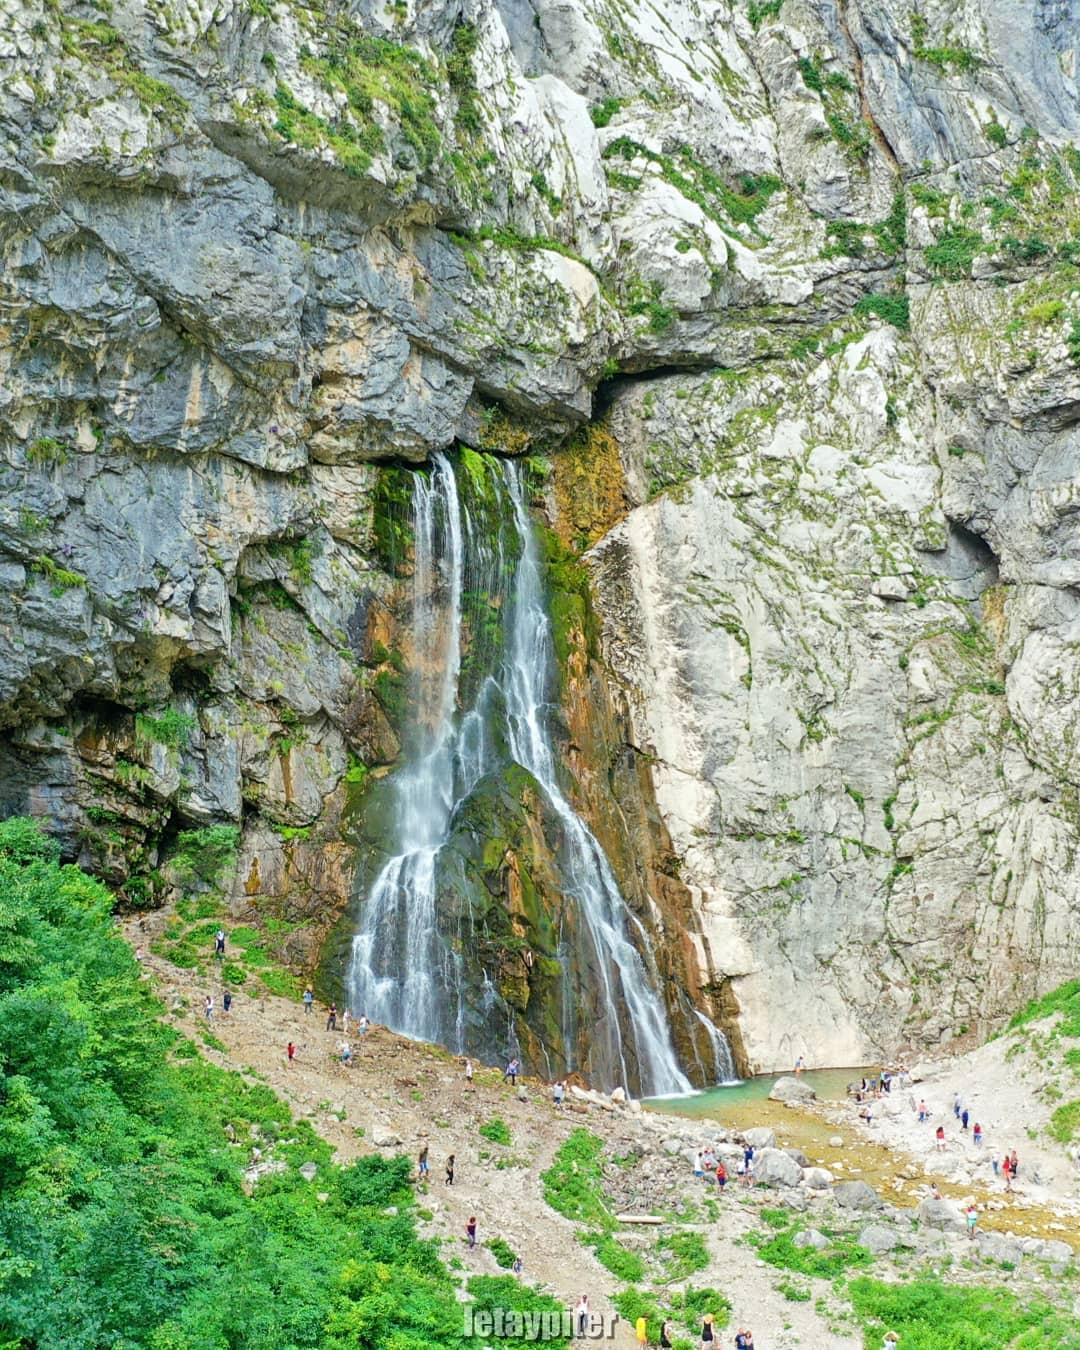 Гегский водопад - одна из самых популярных достопримечательностей Абхазии